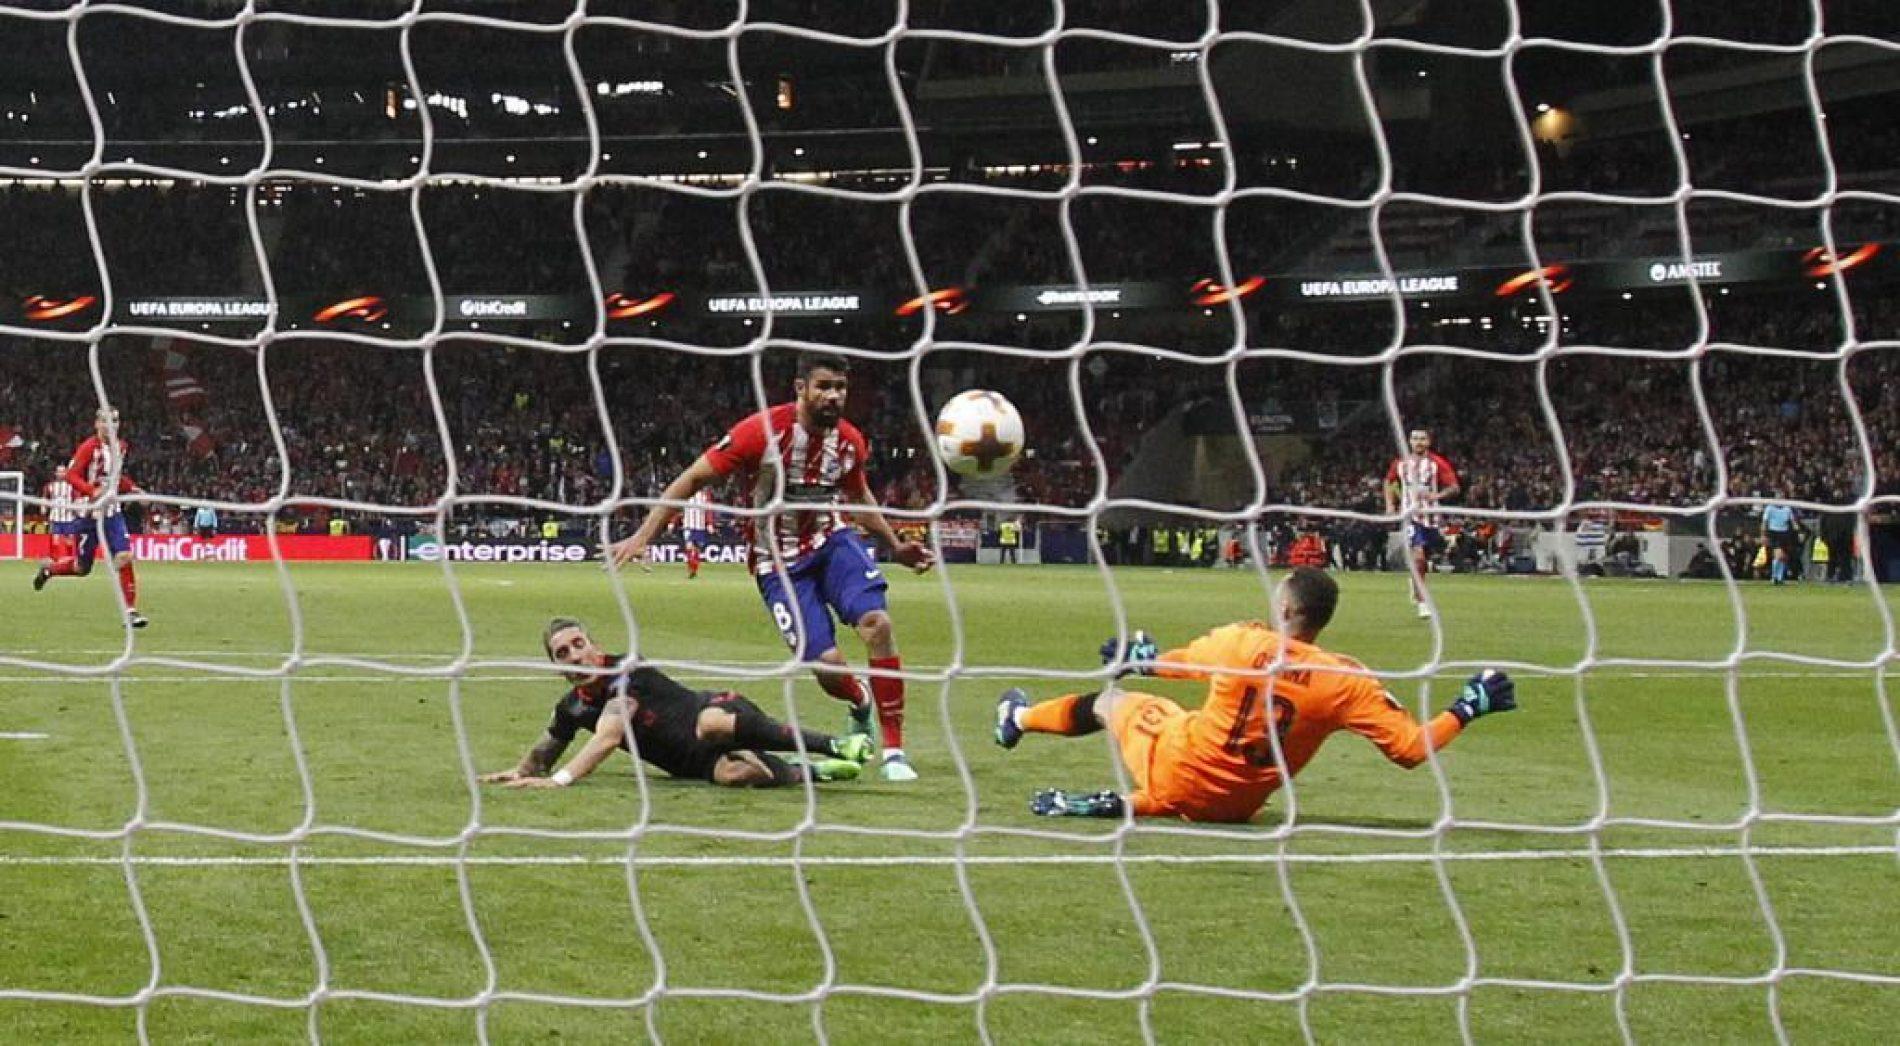 Europa League, l'Atletico Madrid va in finale battendo l'Arsenal per 1-0